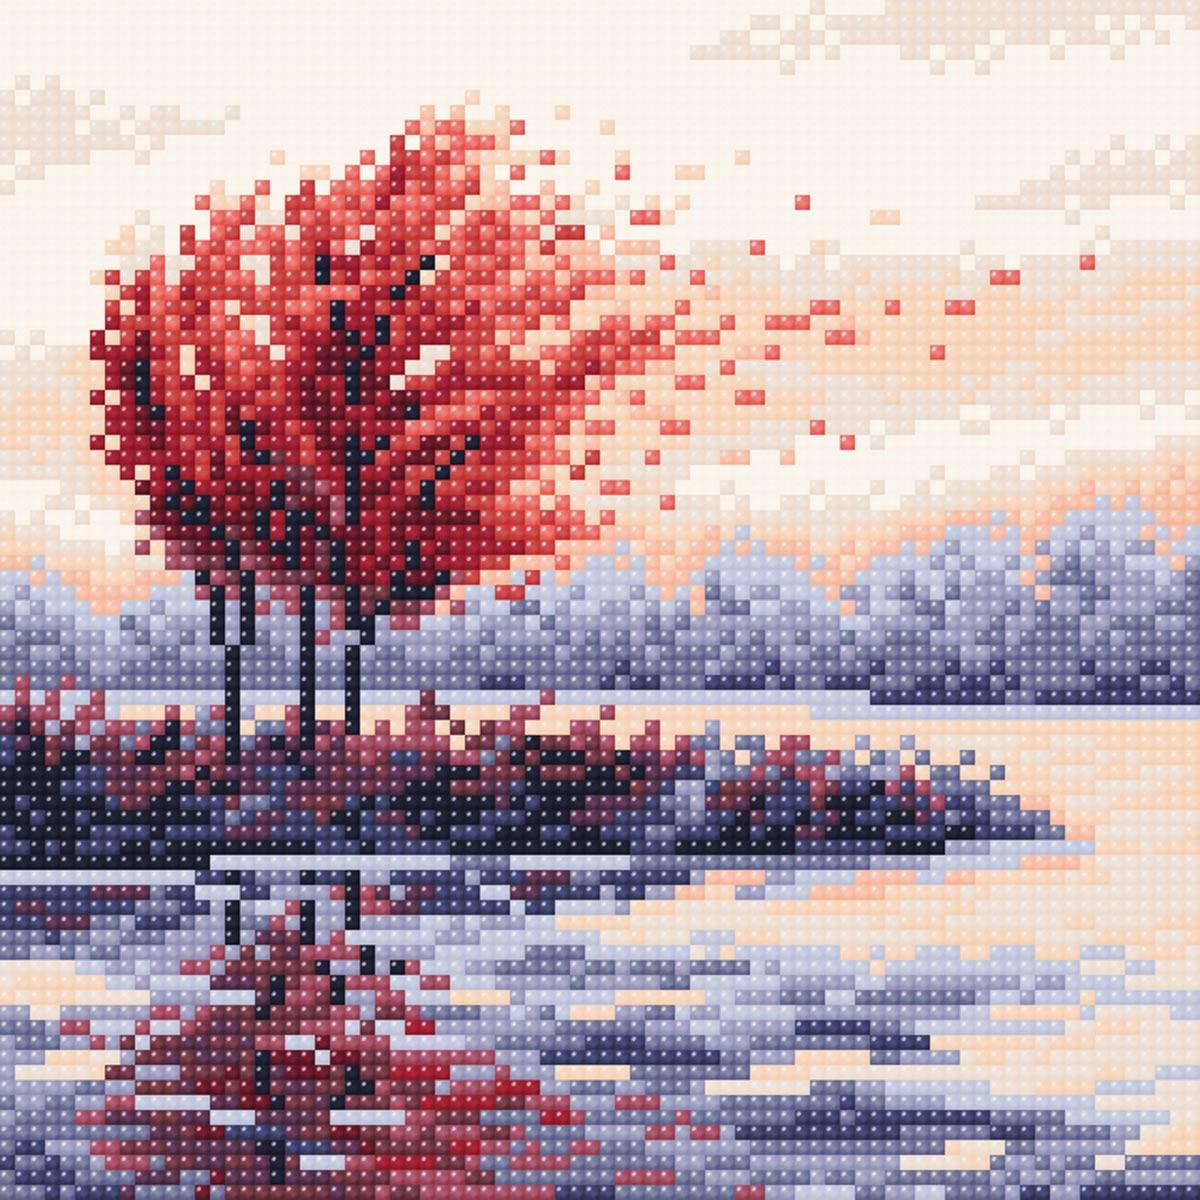 МС 055 Алмазная мозаика 'Красная осень'20*20см Brilliart